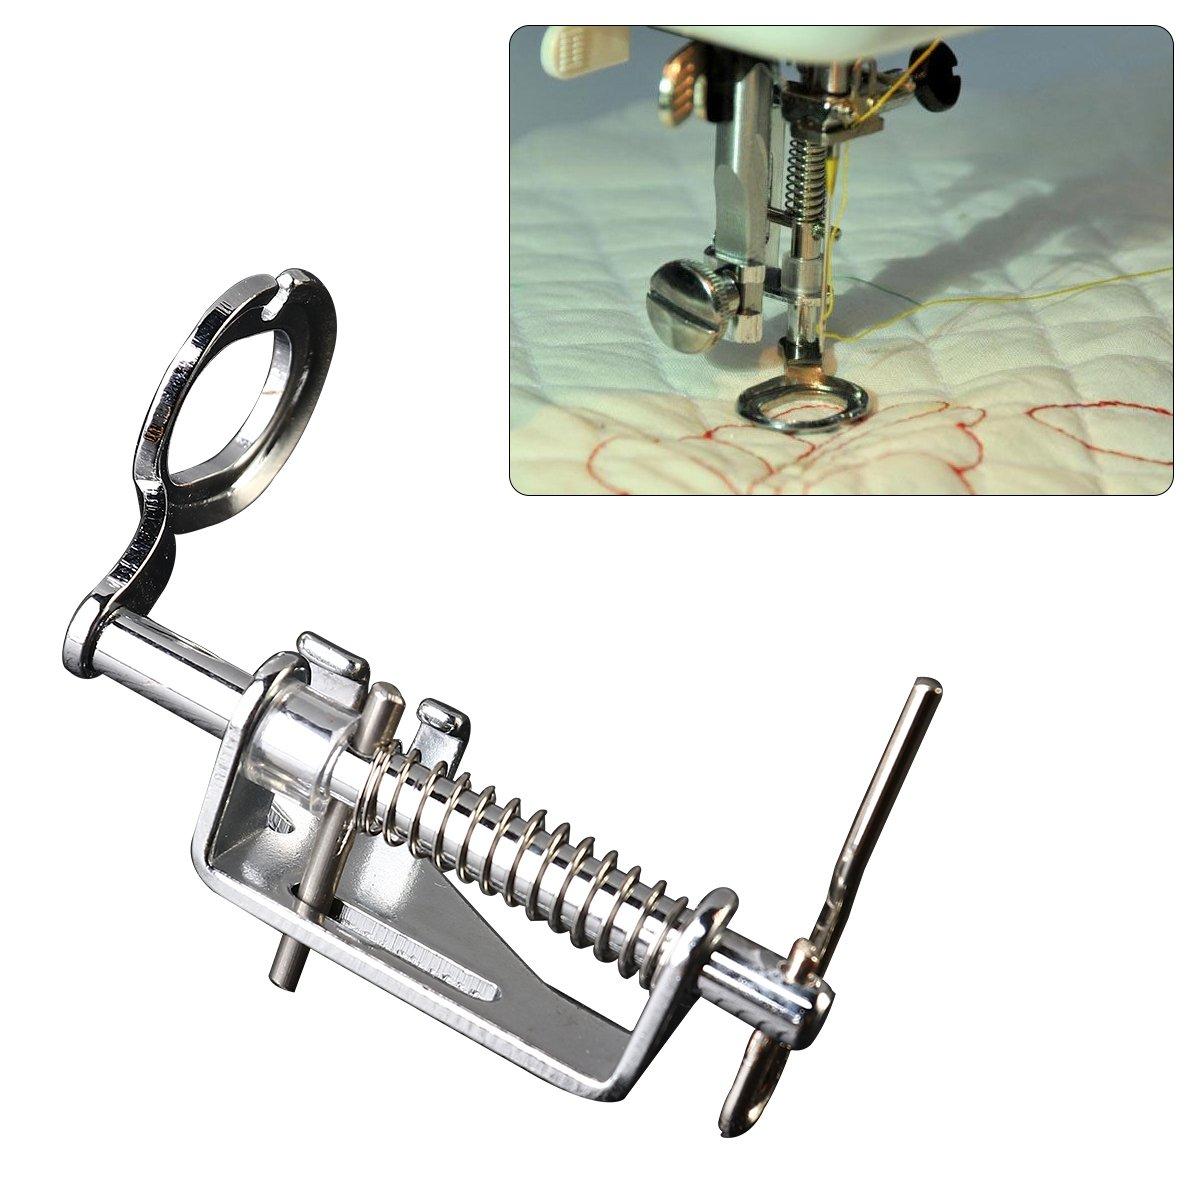 Prensatelas para m/áquina de coser de metal de 3piezas para todos los tipos de v/ástago bajo Brother Singer Babylock Janome y m/ás m/áquinas de coser-incluye dedo cerrado,puntera abierta y pie acolchado